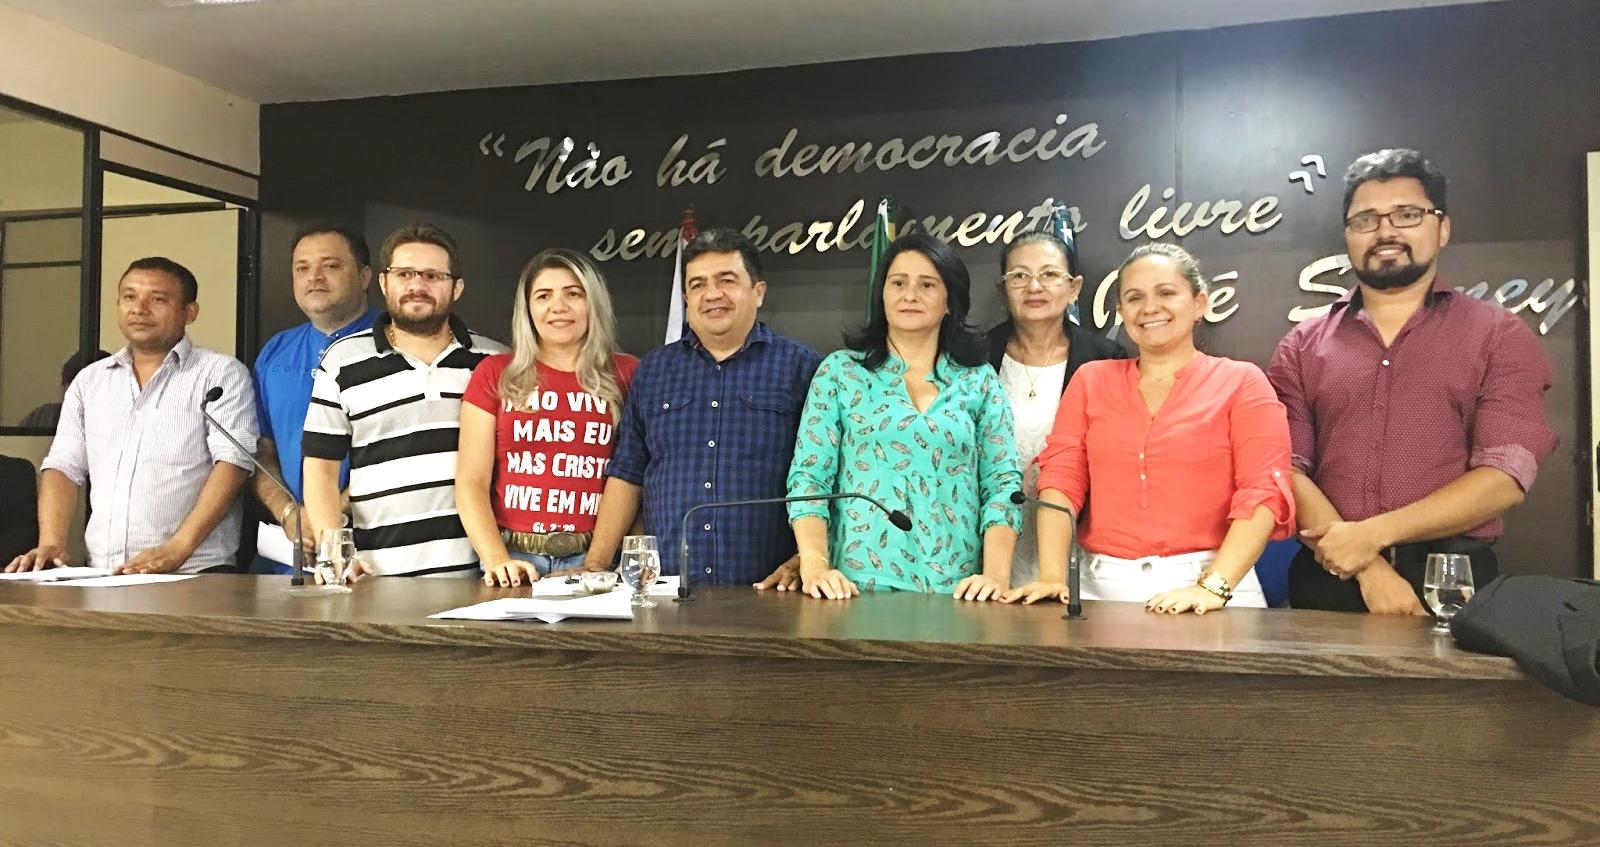 Resultado de imagem para Camara de vereadores de Chapadinha